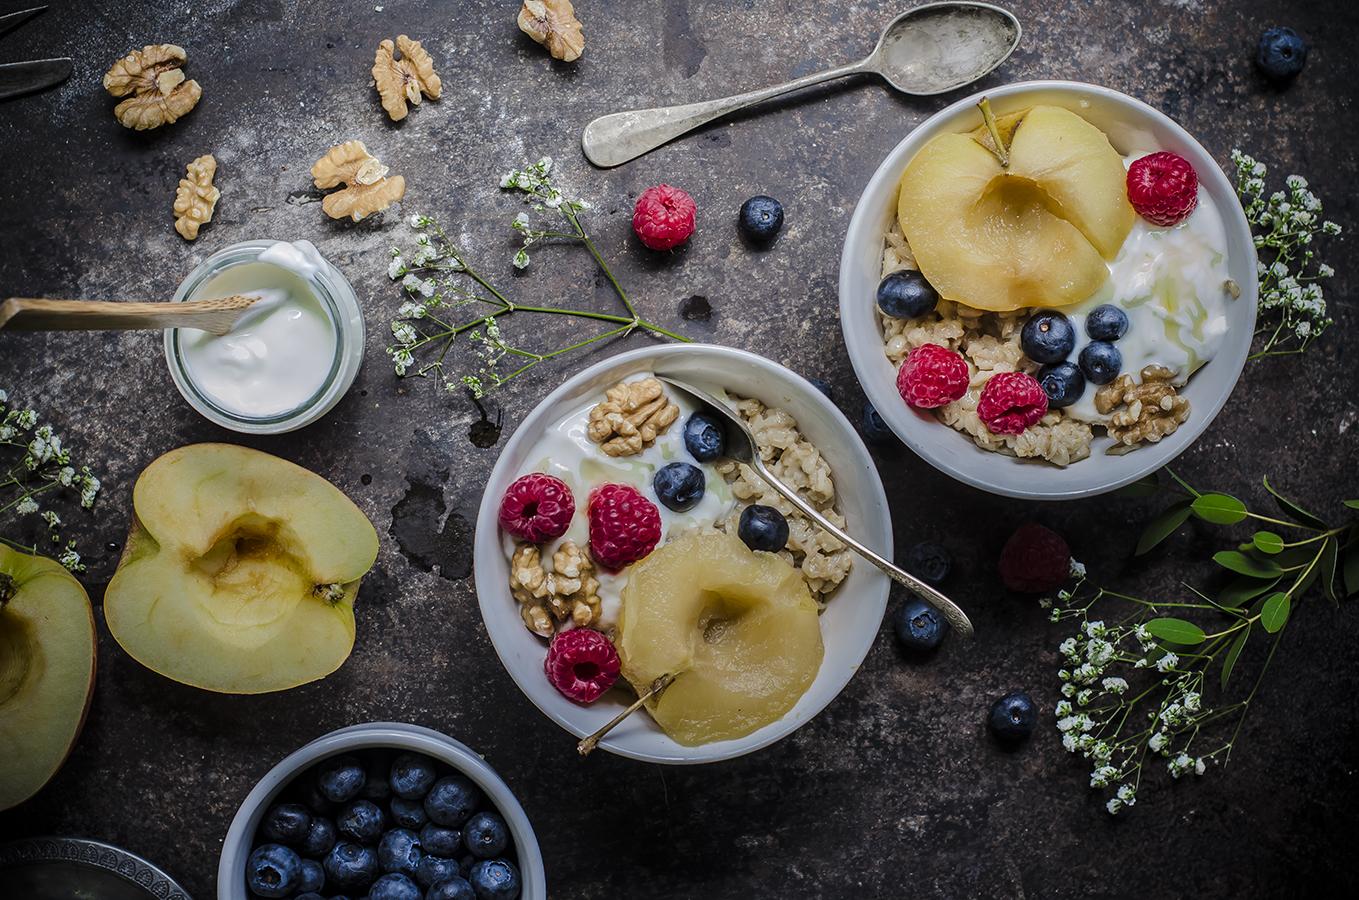 Frutta a colazione: gli zuccheri che fanno bene